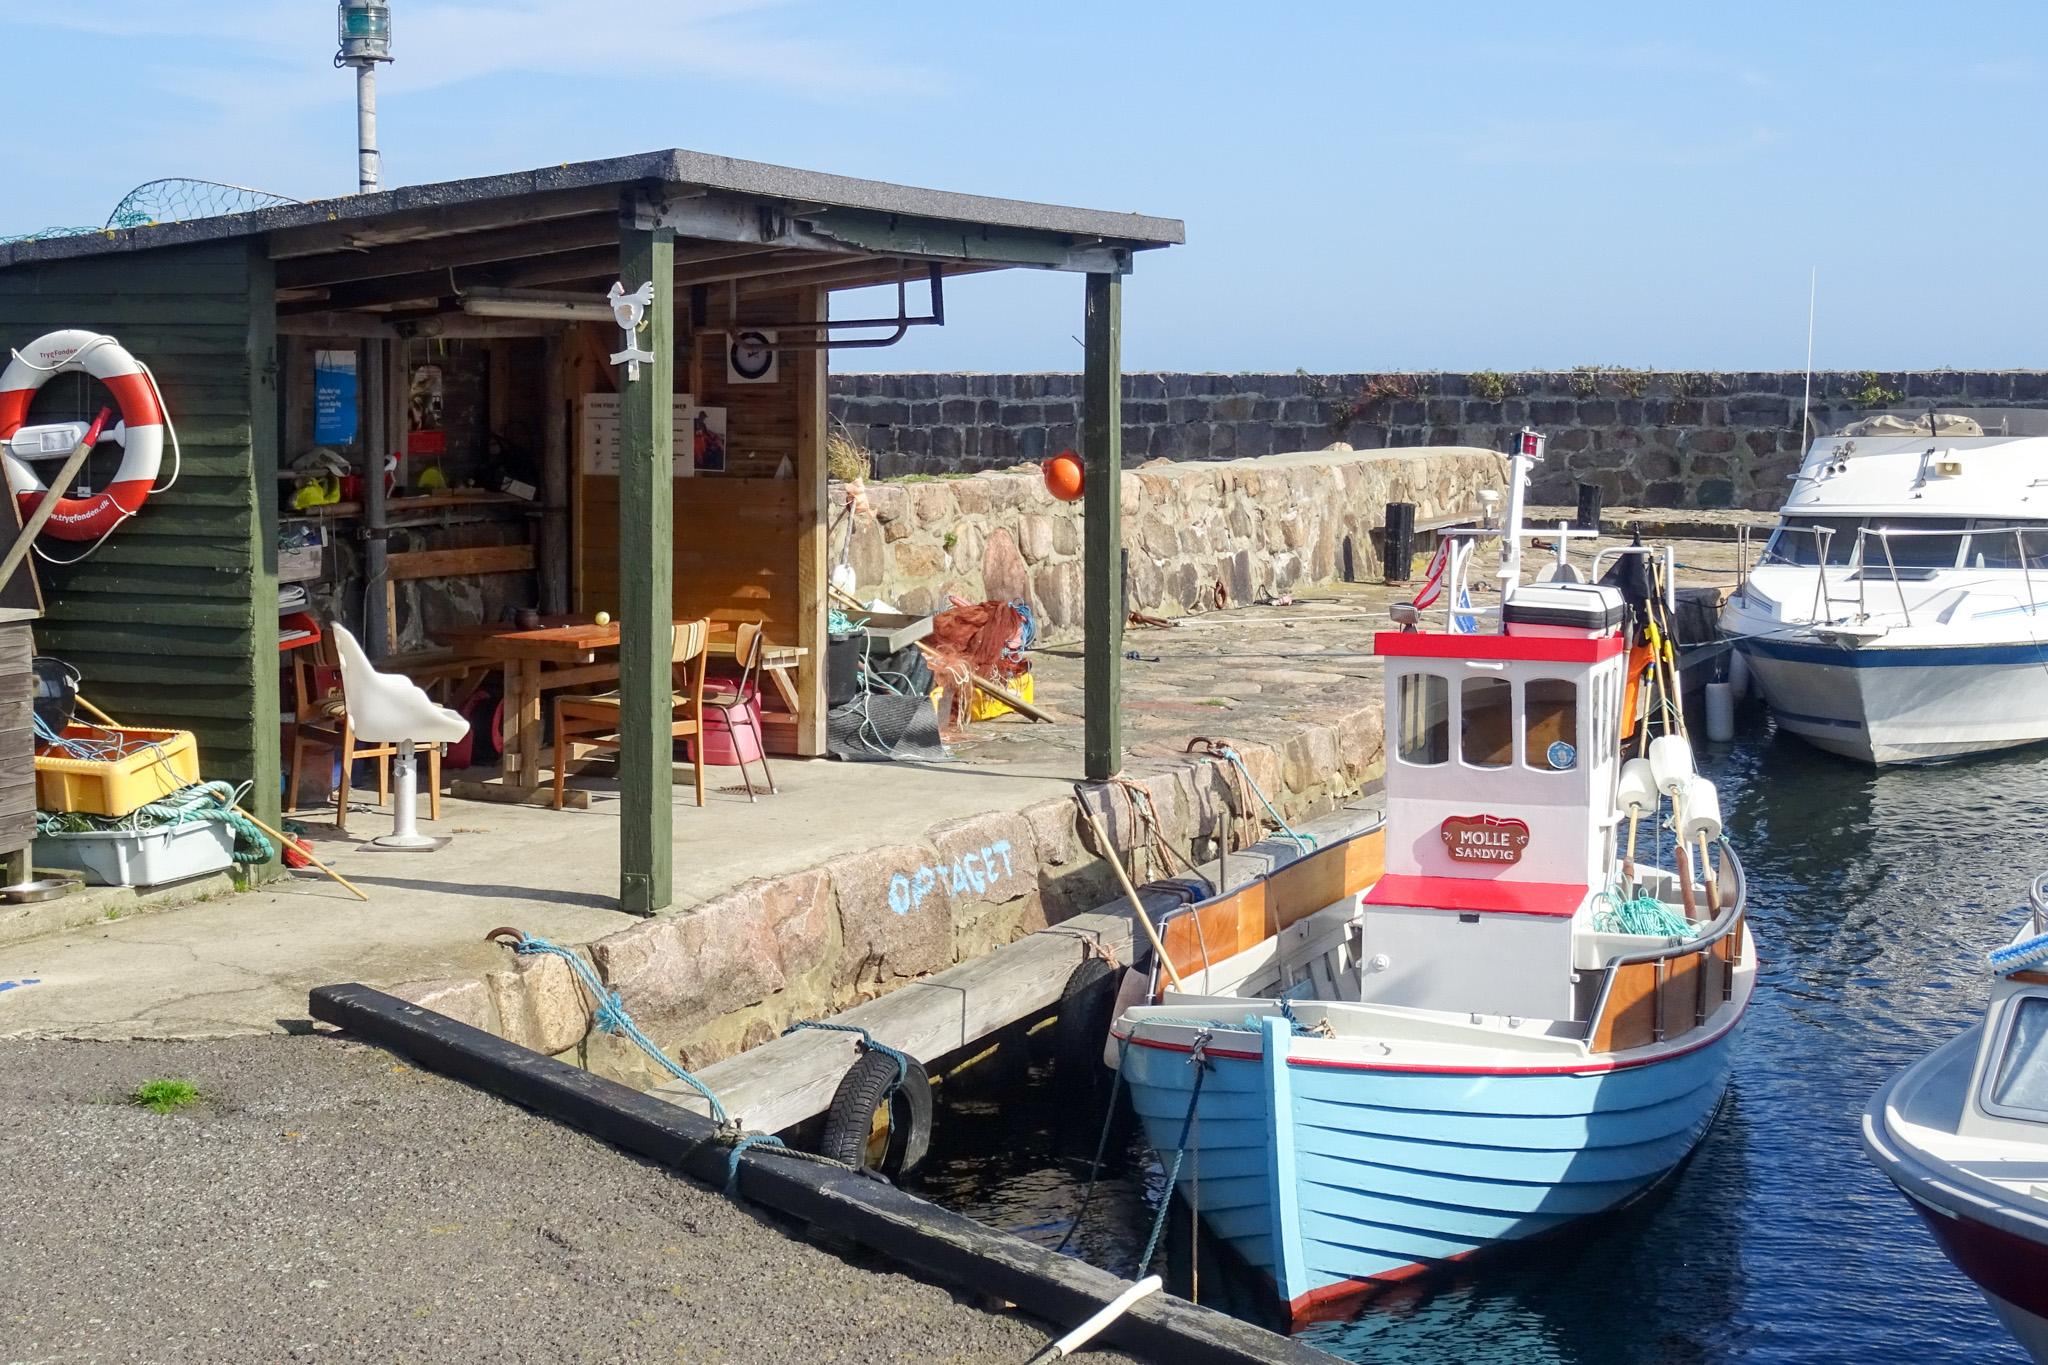 Fischerhafen Sandvig